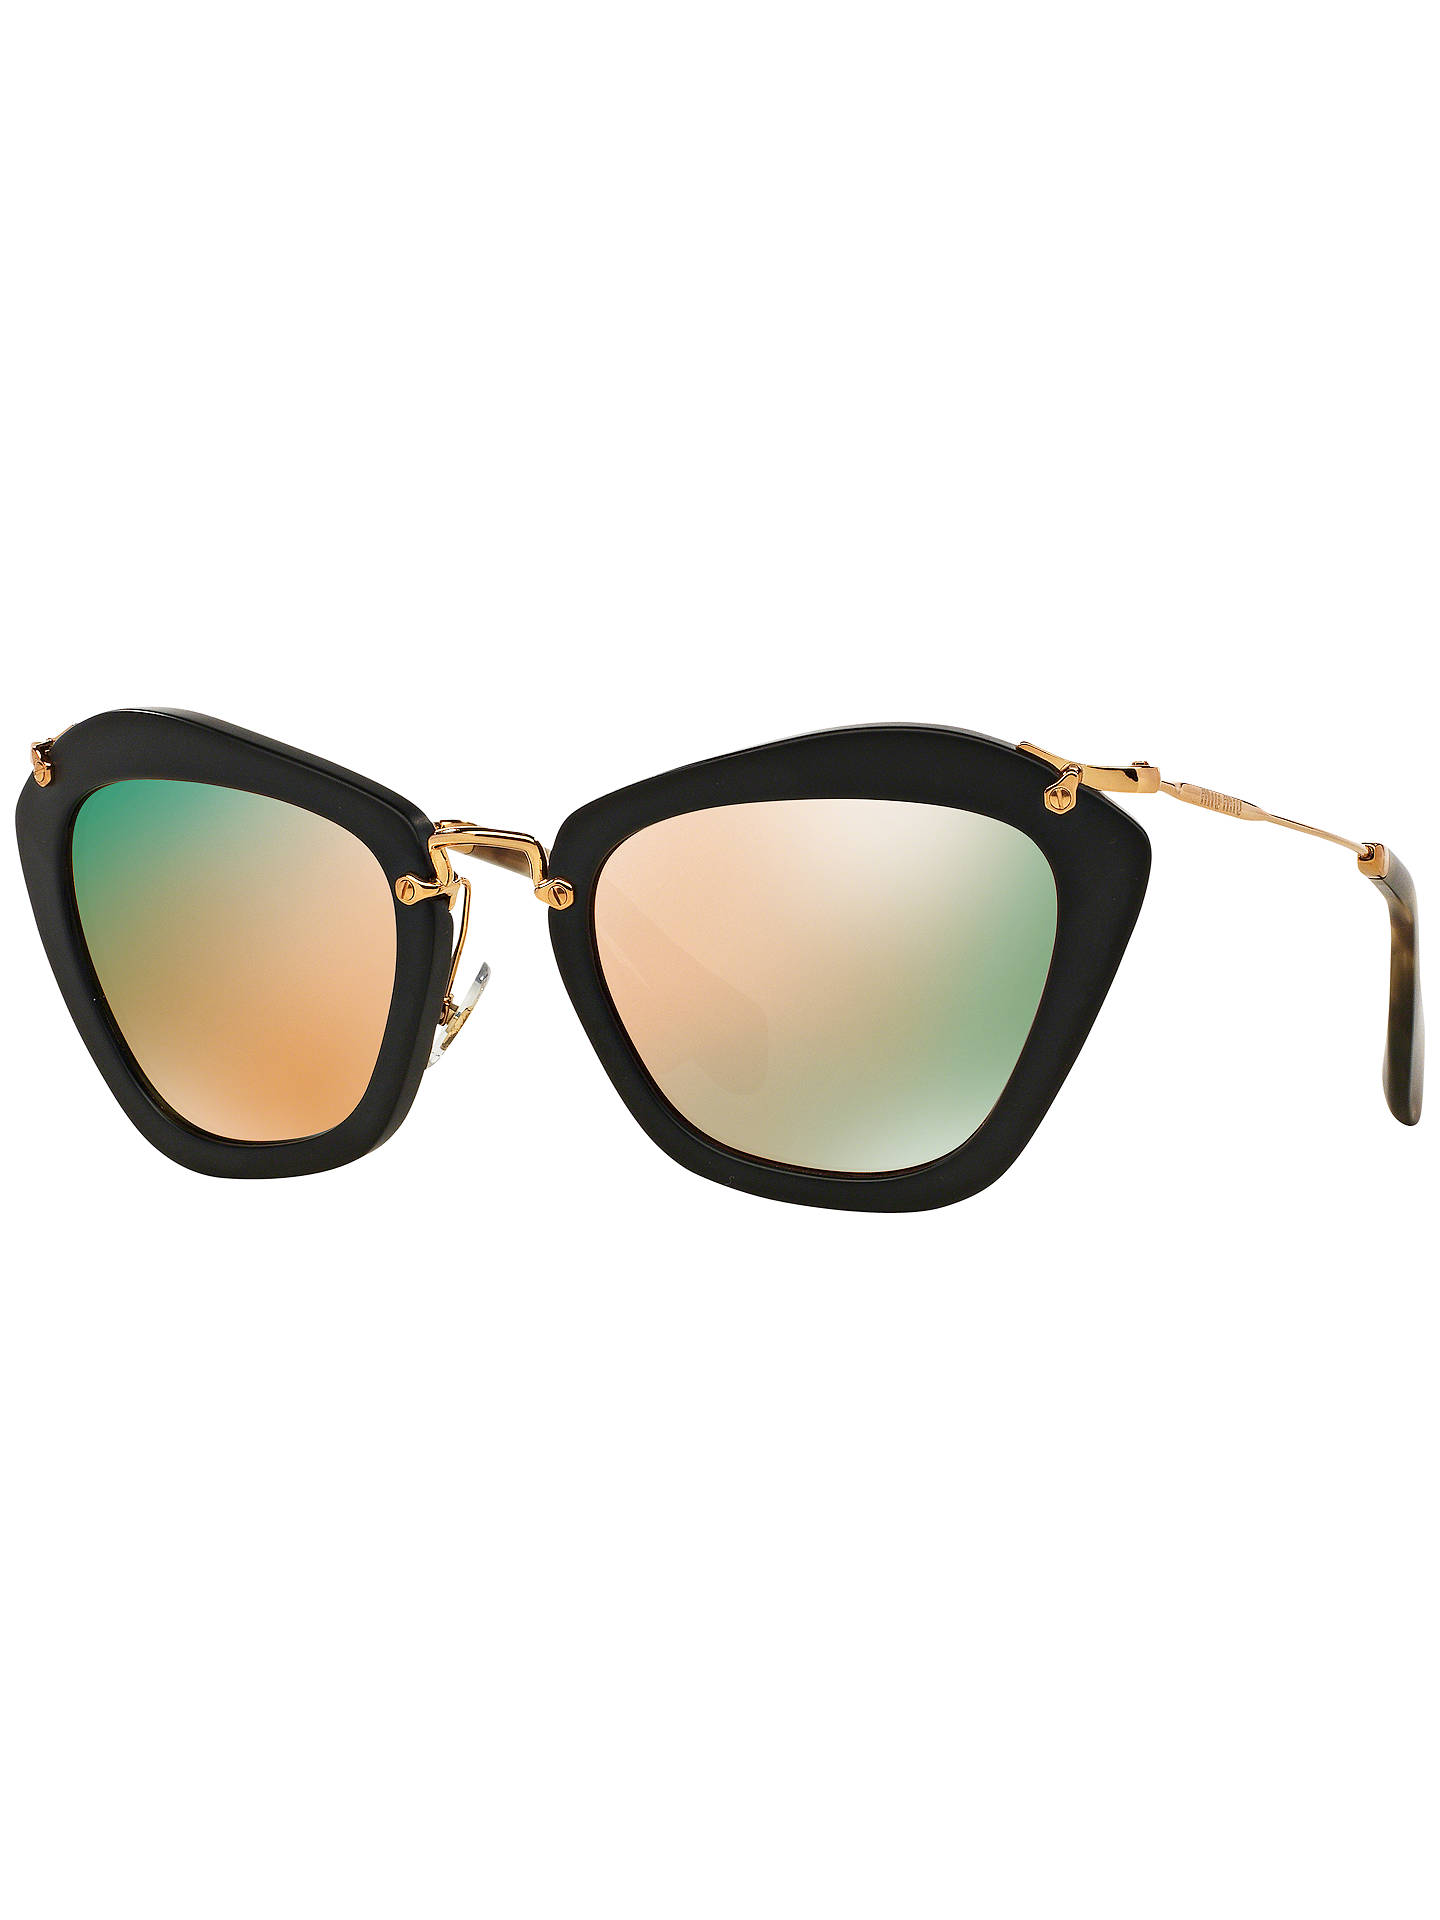 eed2237173cc Miu Miu MU10NS Cat s Eye Sunglasses at John Lewis   Partners